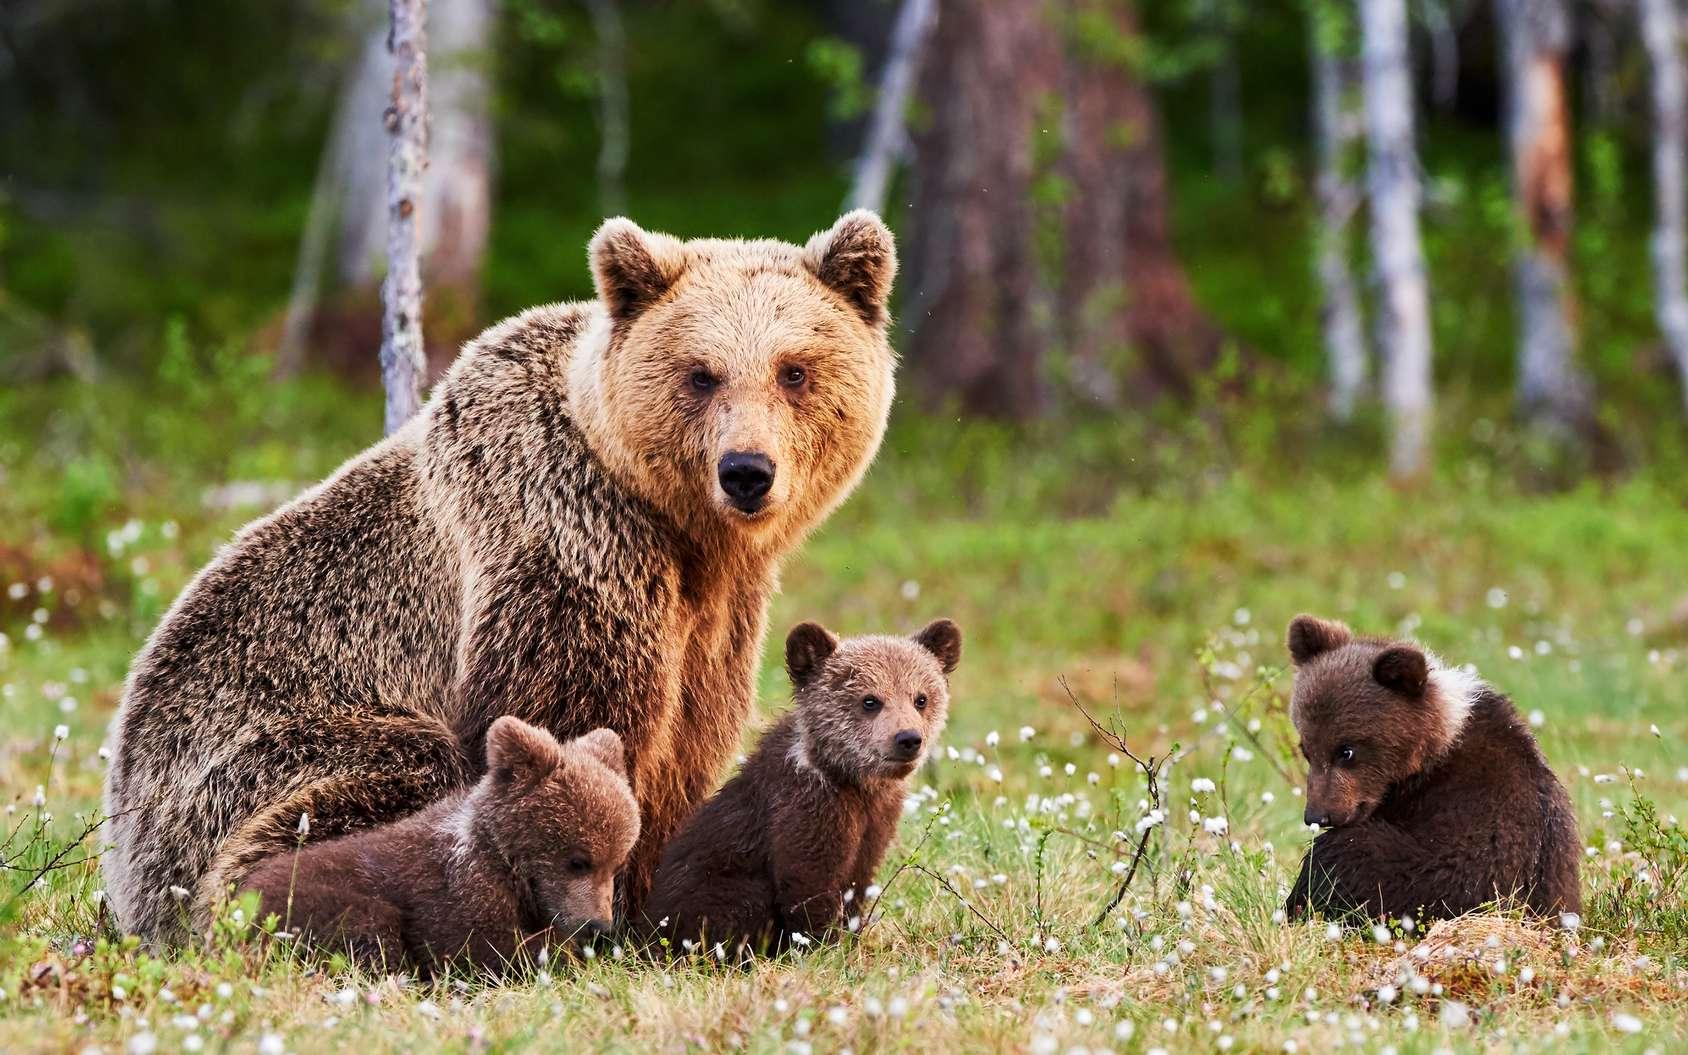 Une femelle ours brun avec ses petits. © lucaar, fotolia